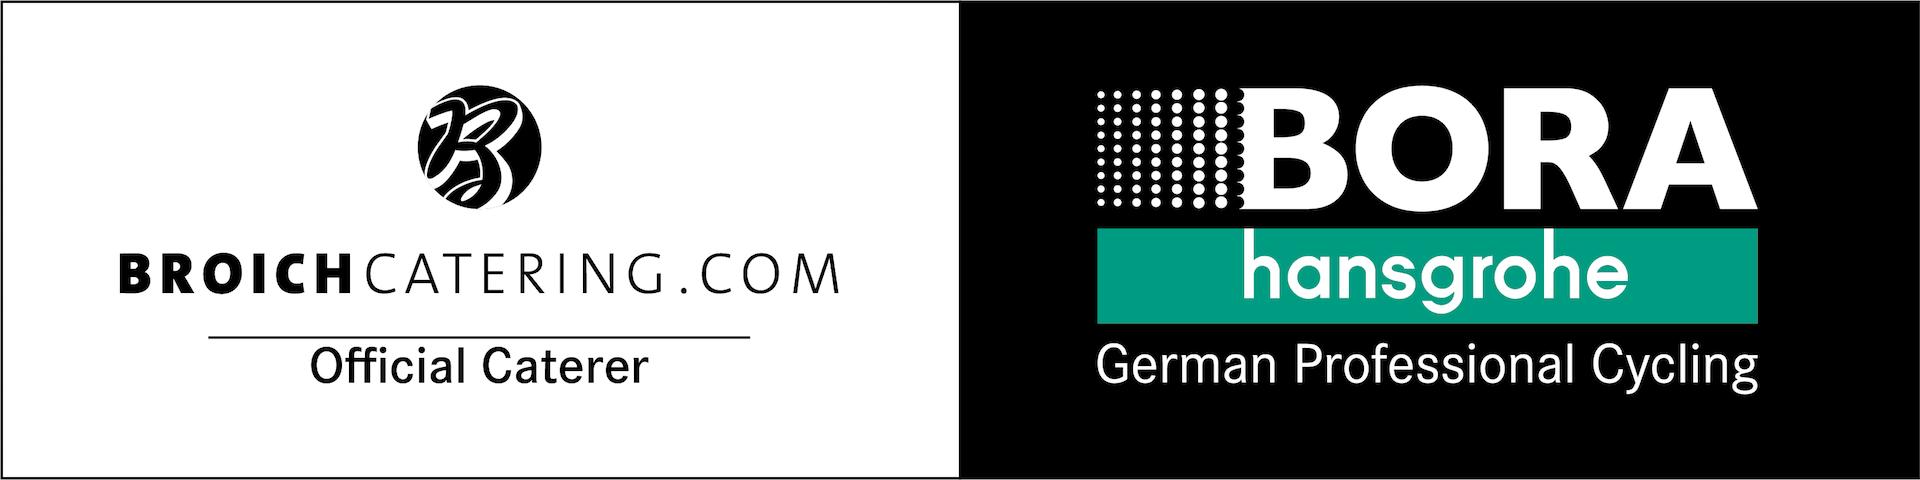 Logo bora-hansgrohe und BROICH caterin